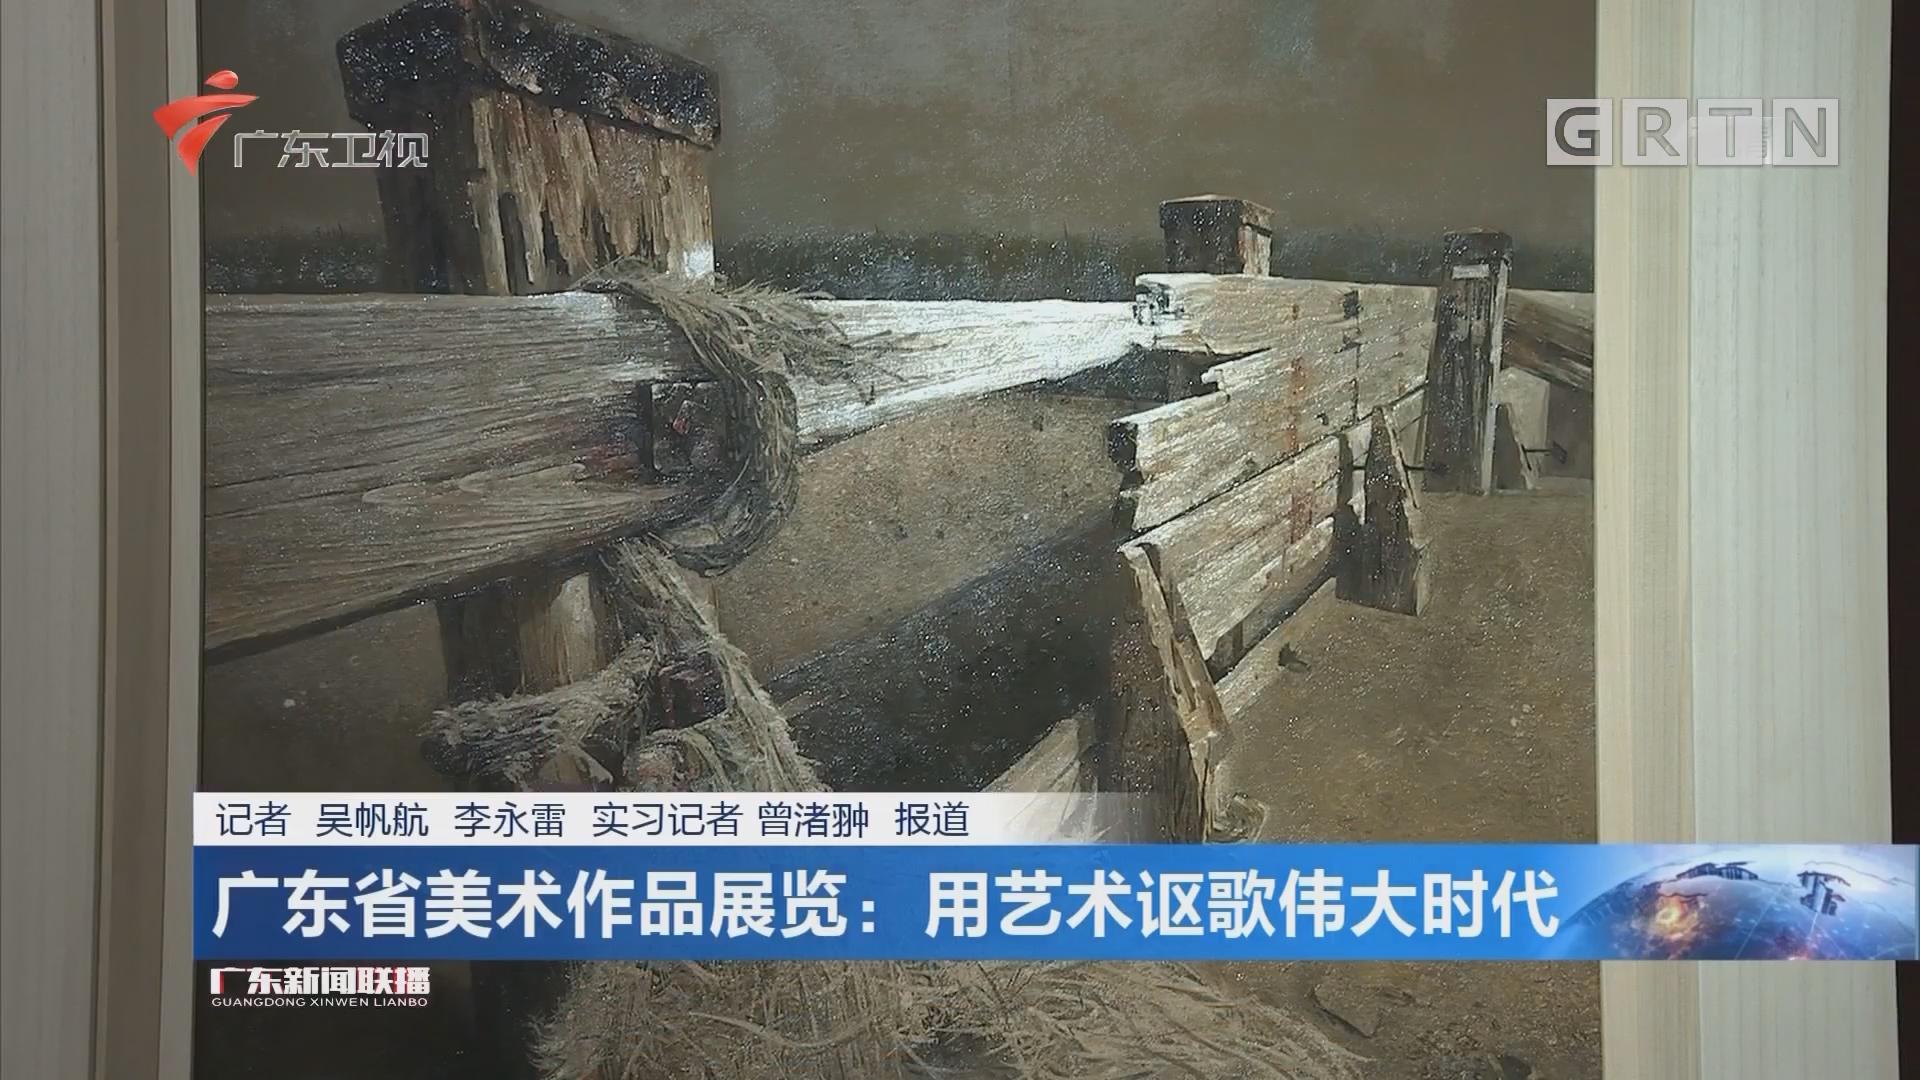 广东省美术作品展览:用艺术讴歌伟大时代